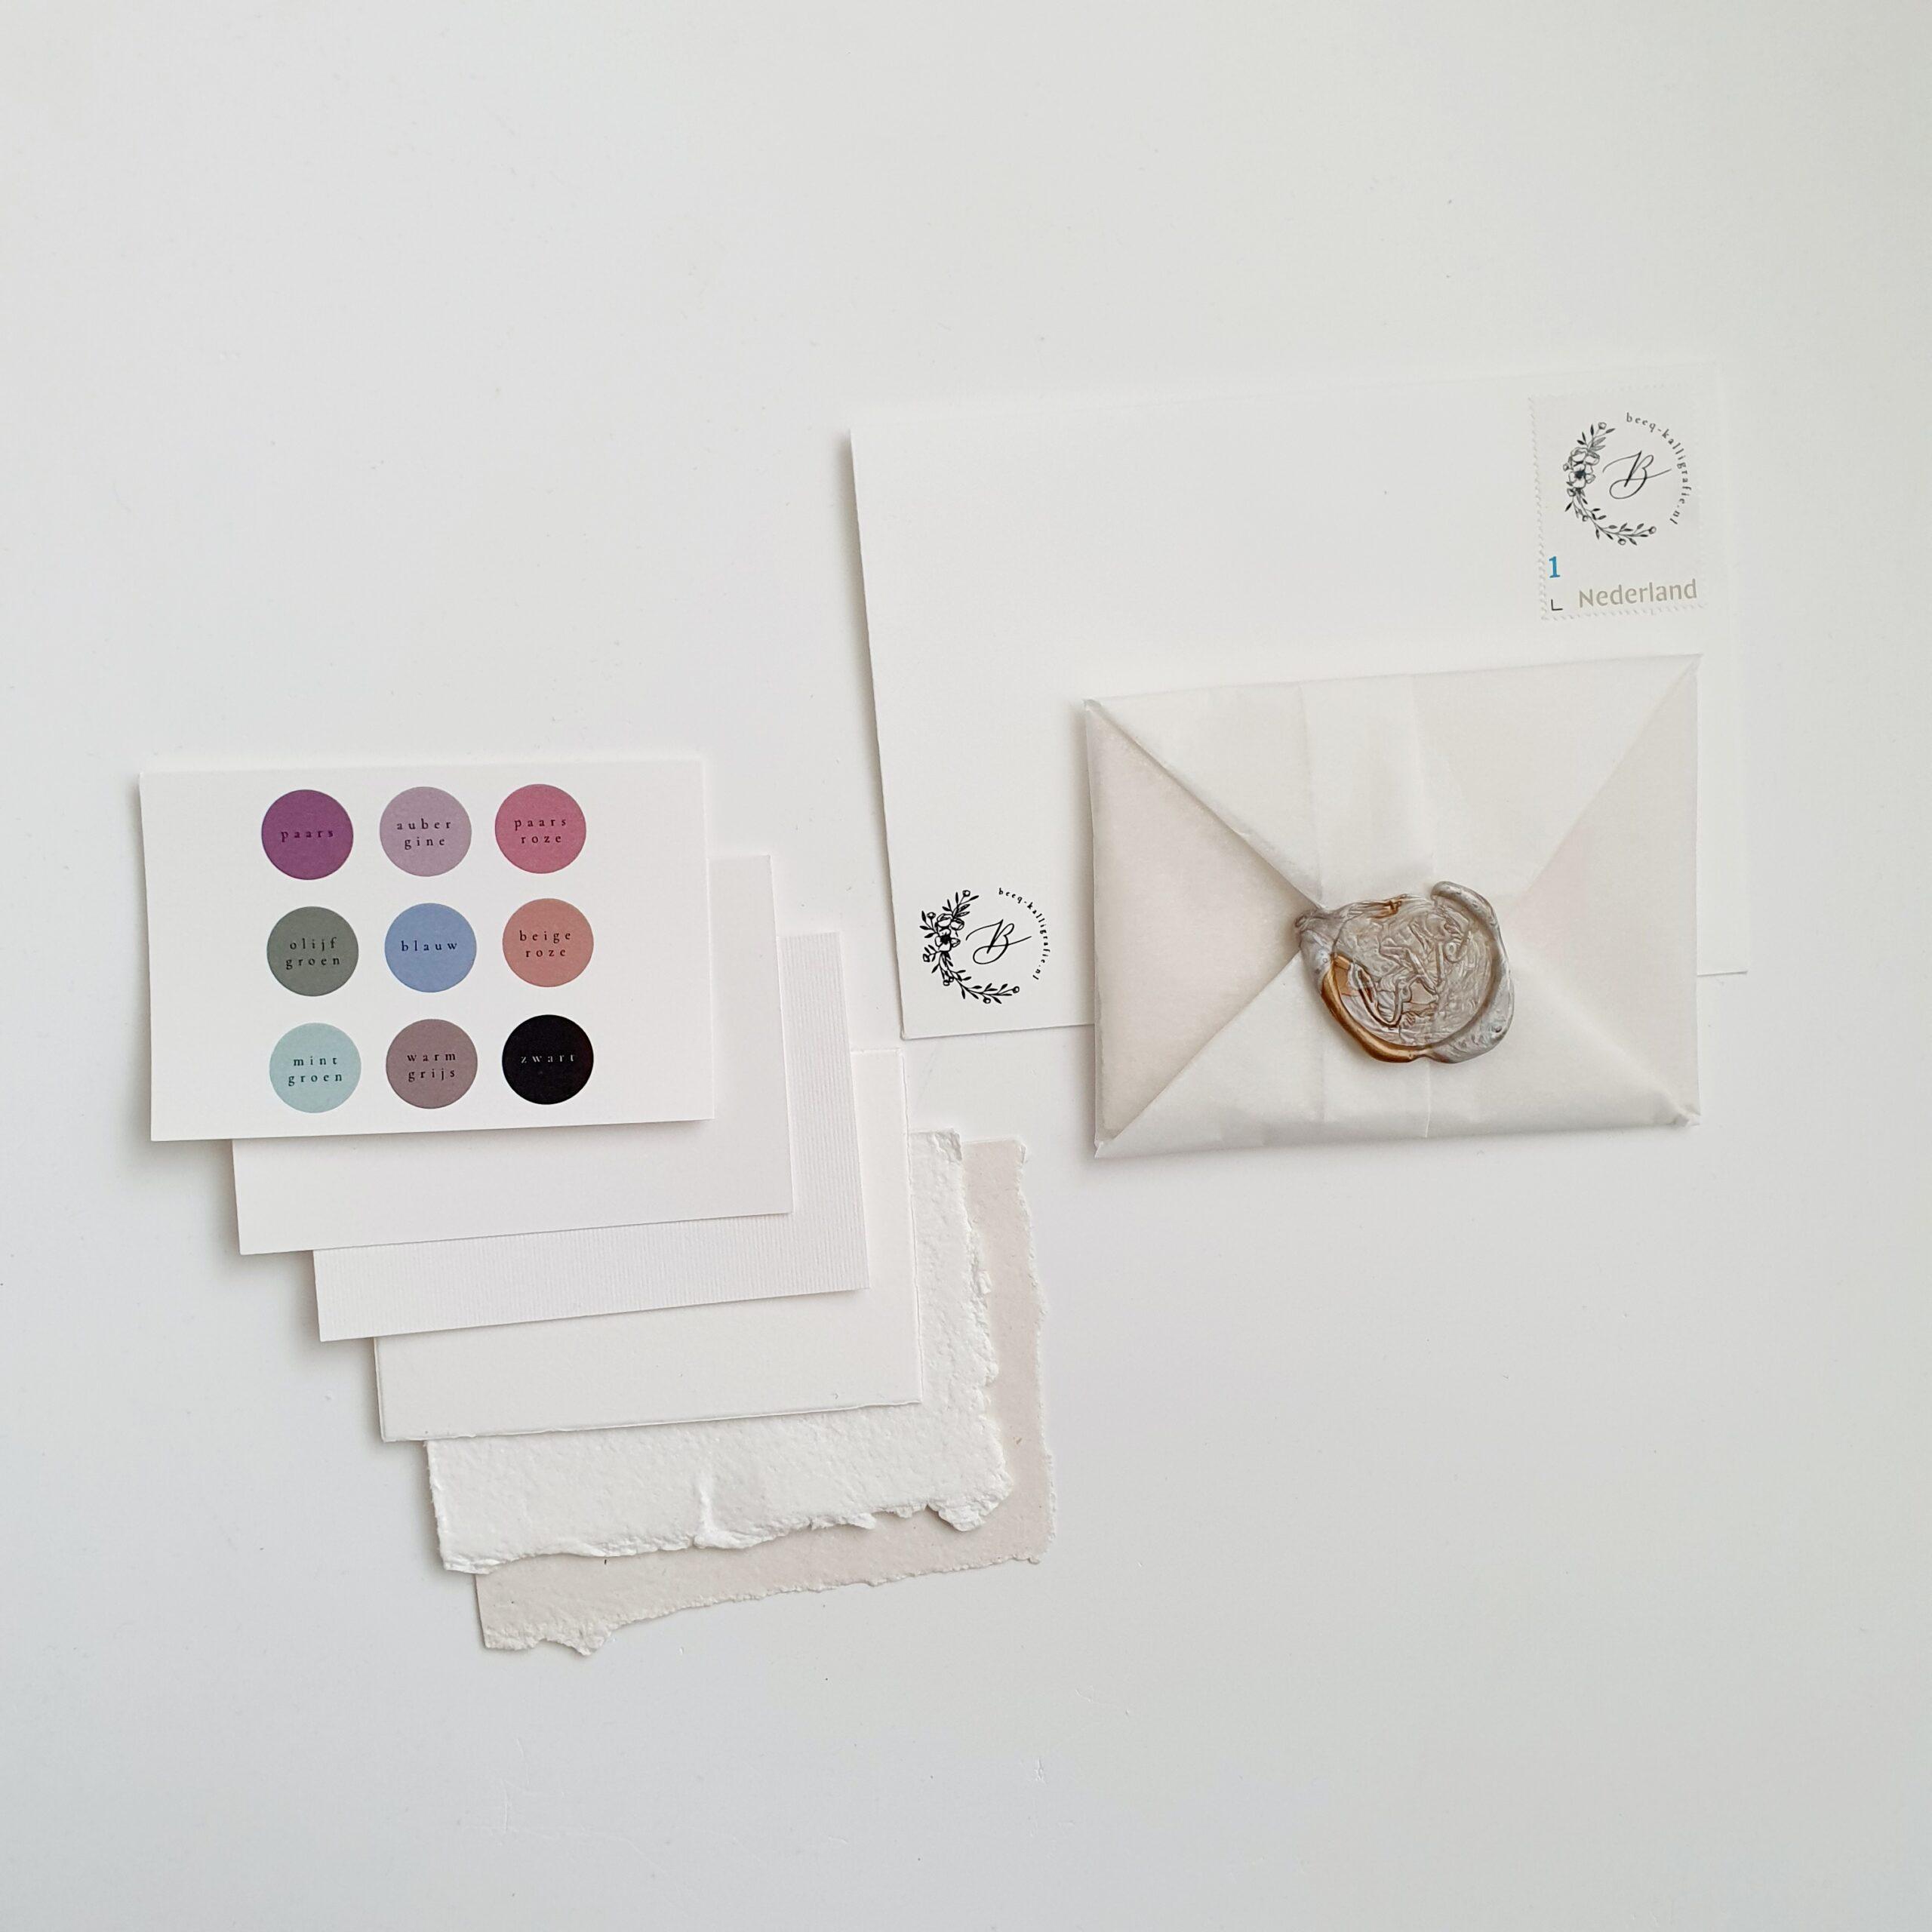 samplepakketjes voor bruiloft kalligrafie